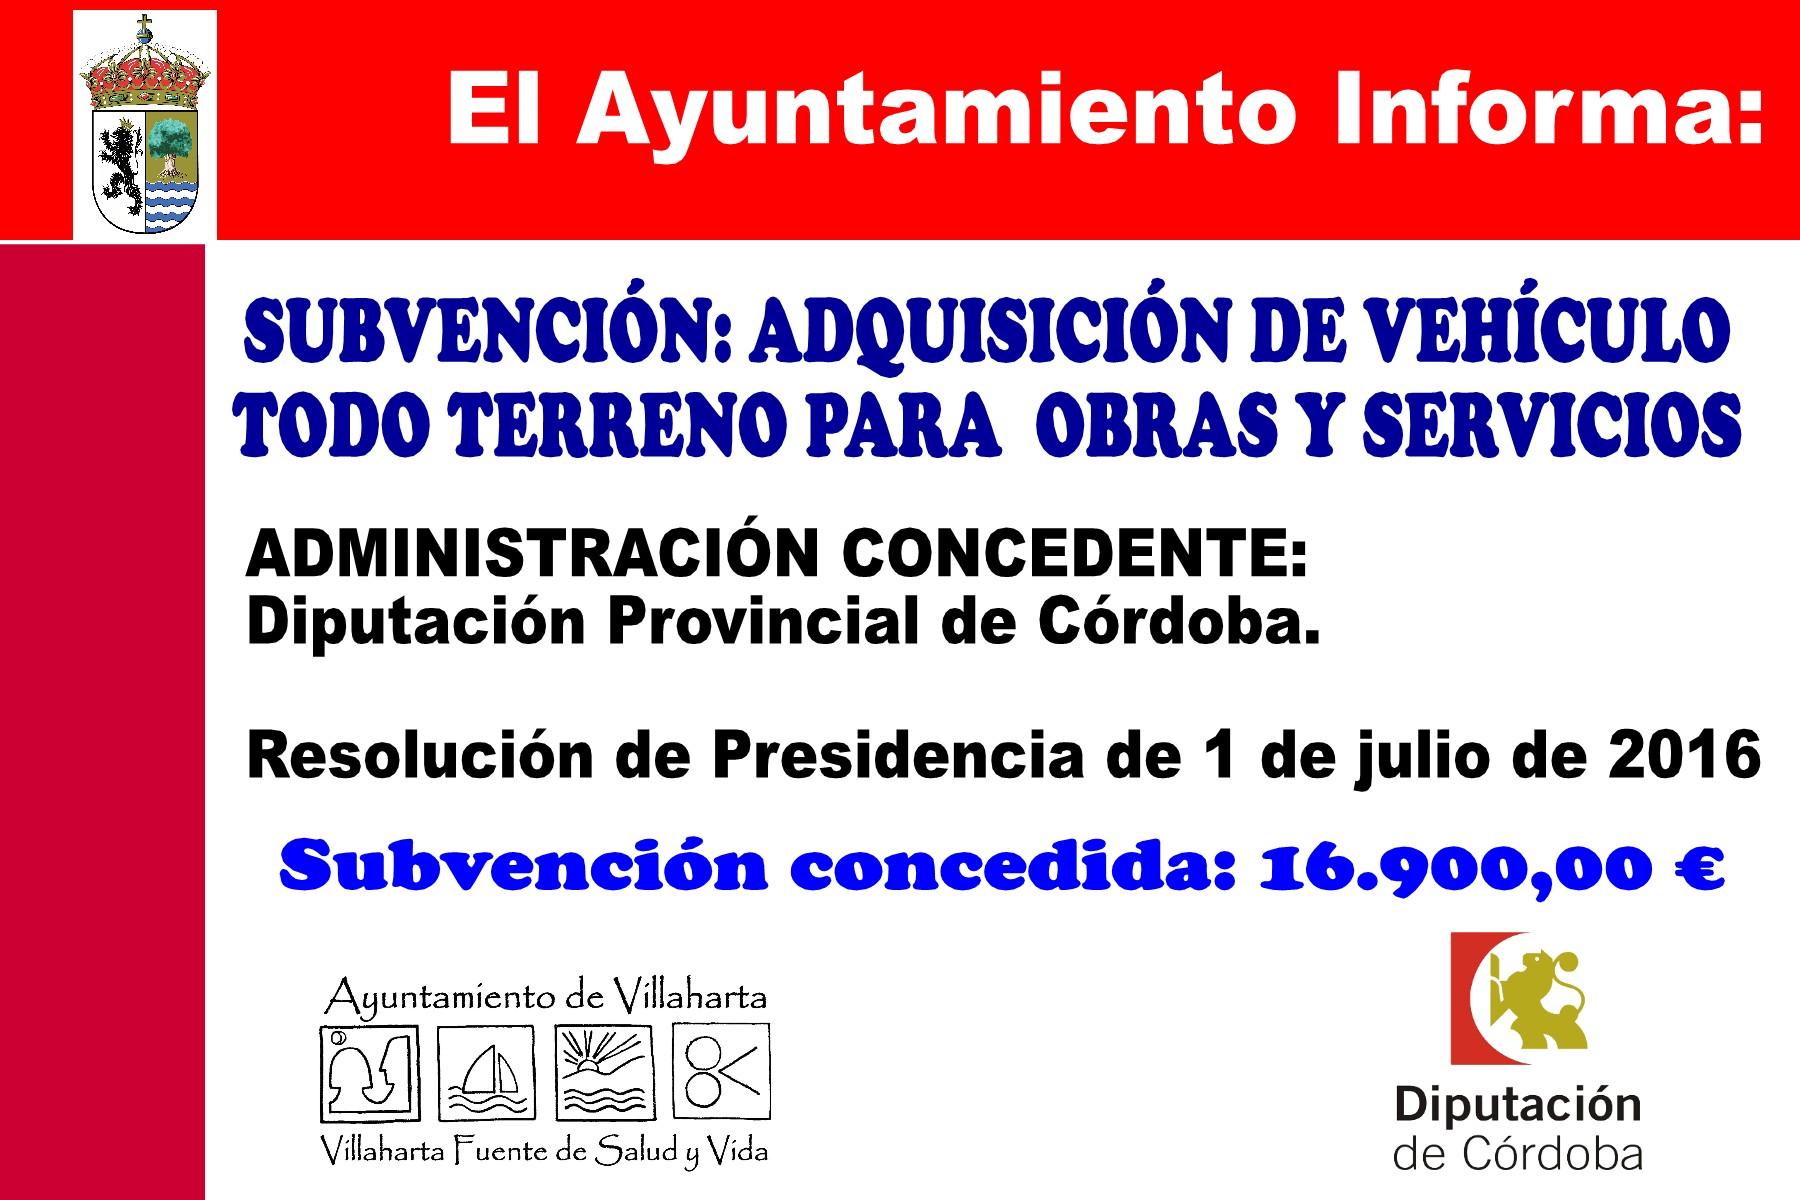 SUBVENCIONES RECIBIDAS. 2016 19